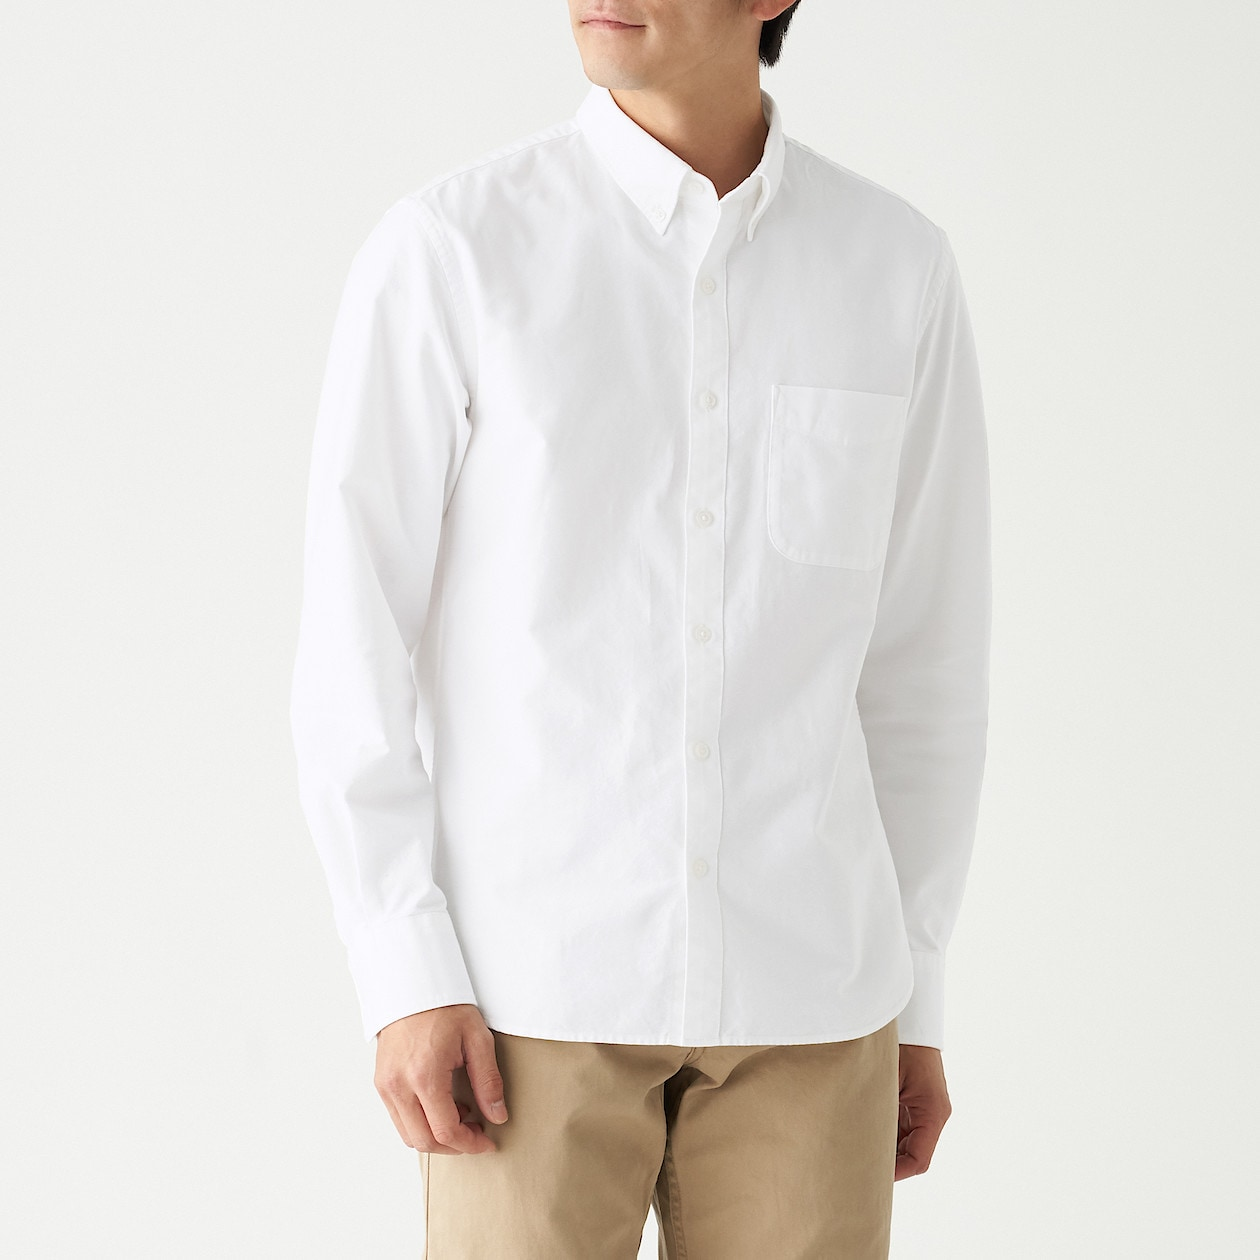 無印良品のおすすめワイシャツは、オーガニックコットンのストレッチ形態安定オックスボタンダウンシャツ